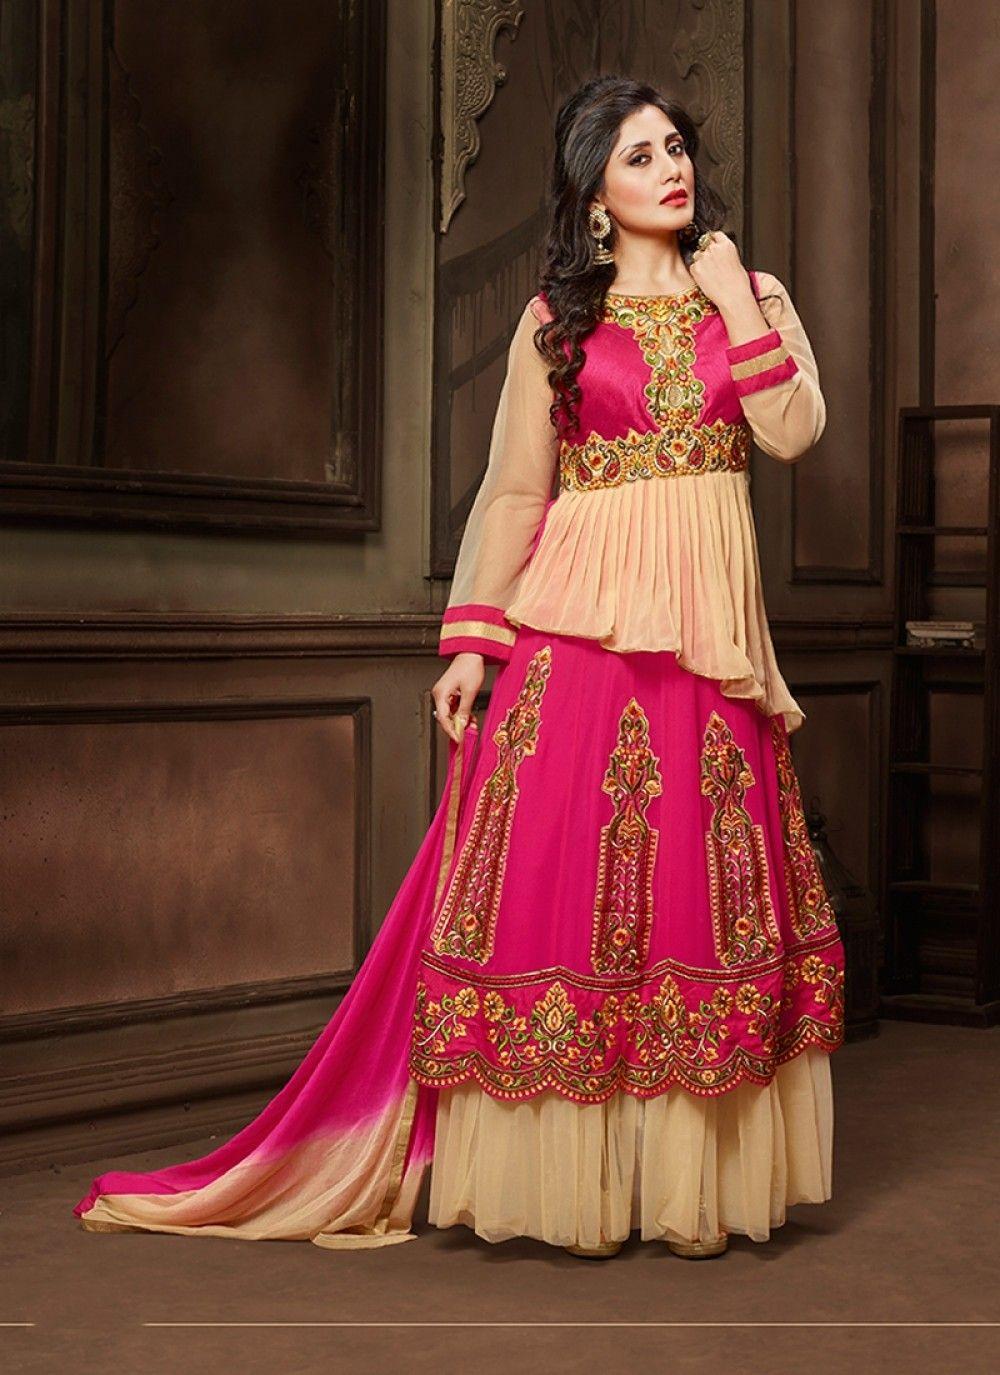 10e115d516 Rimi Sen Hot Pink Patch Border Work Designer Suit - shopneez.com ...